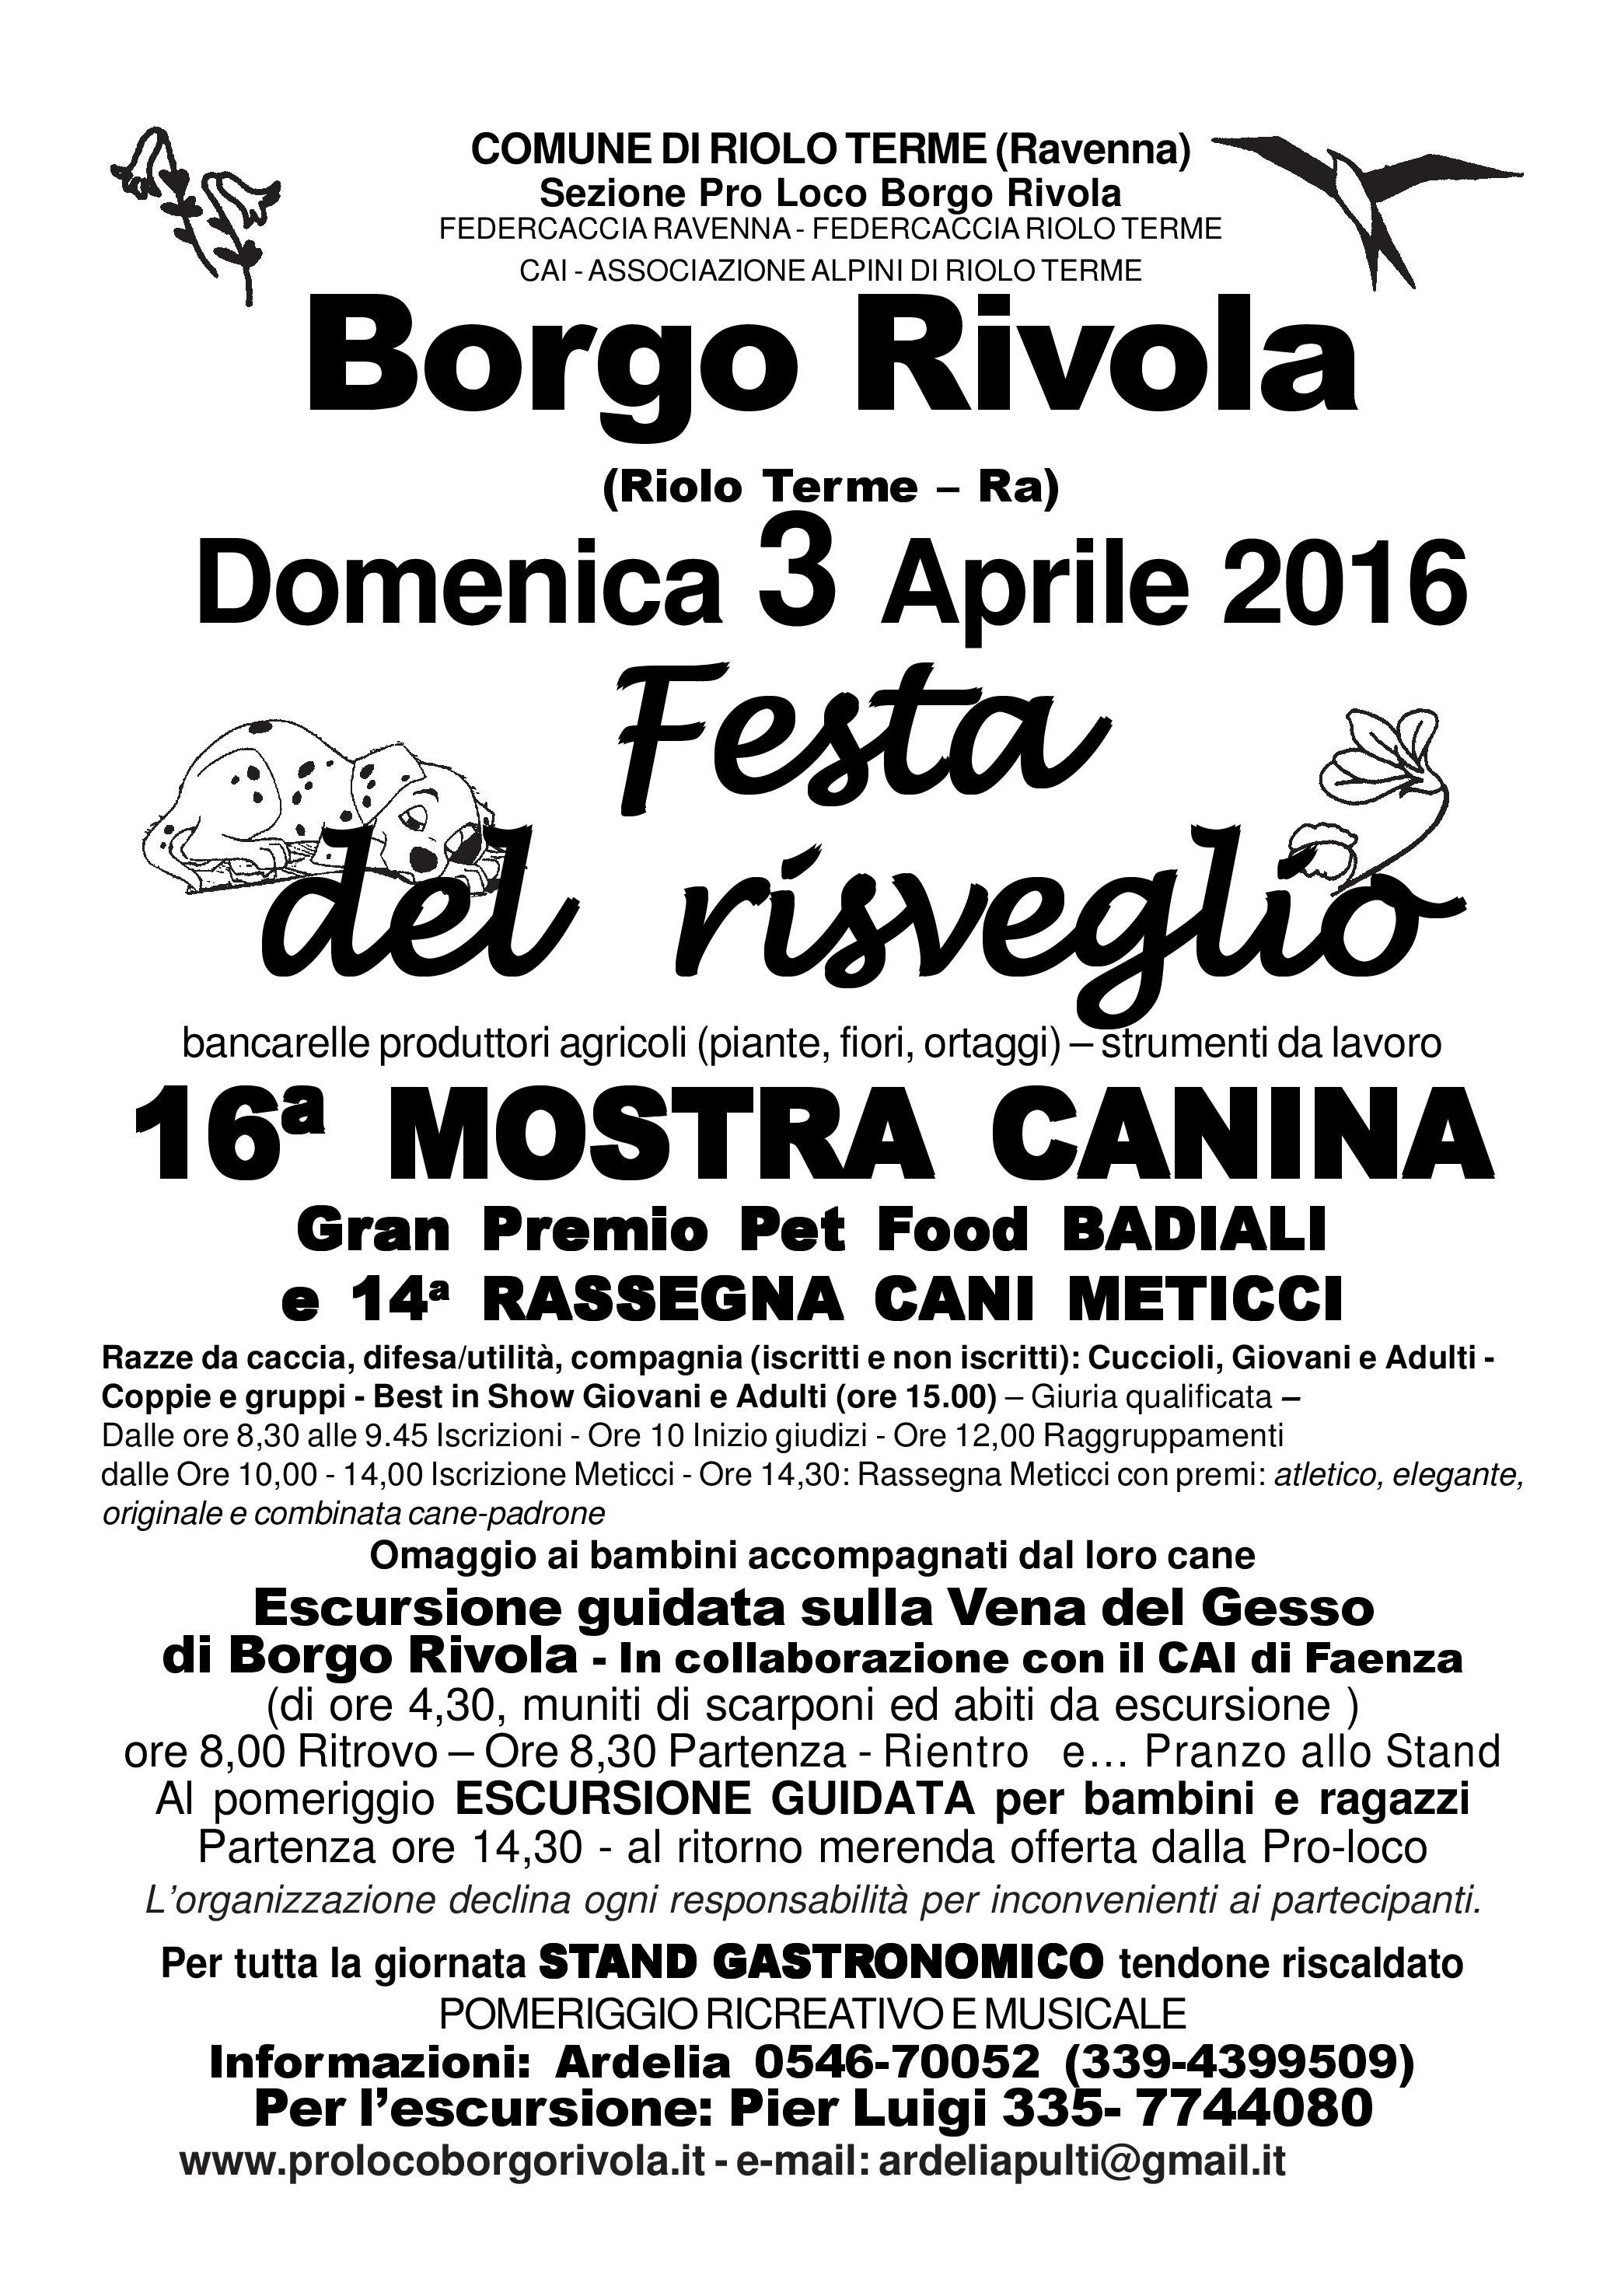 Borgo Rivola, Festa del risveglio 2016